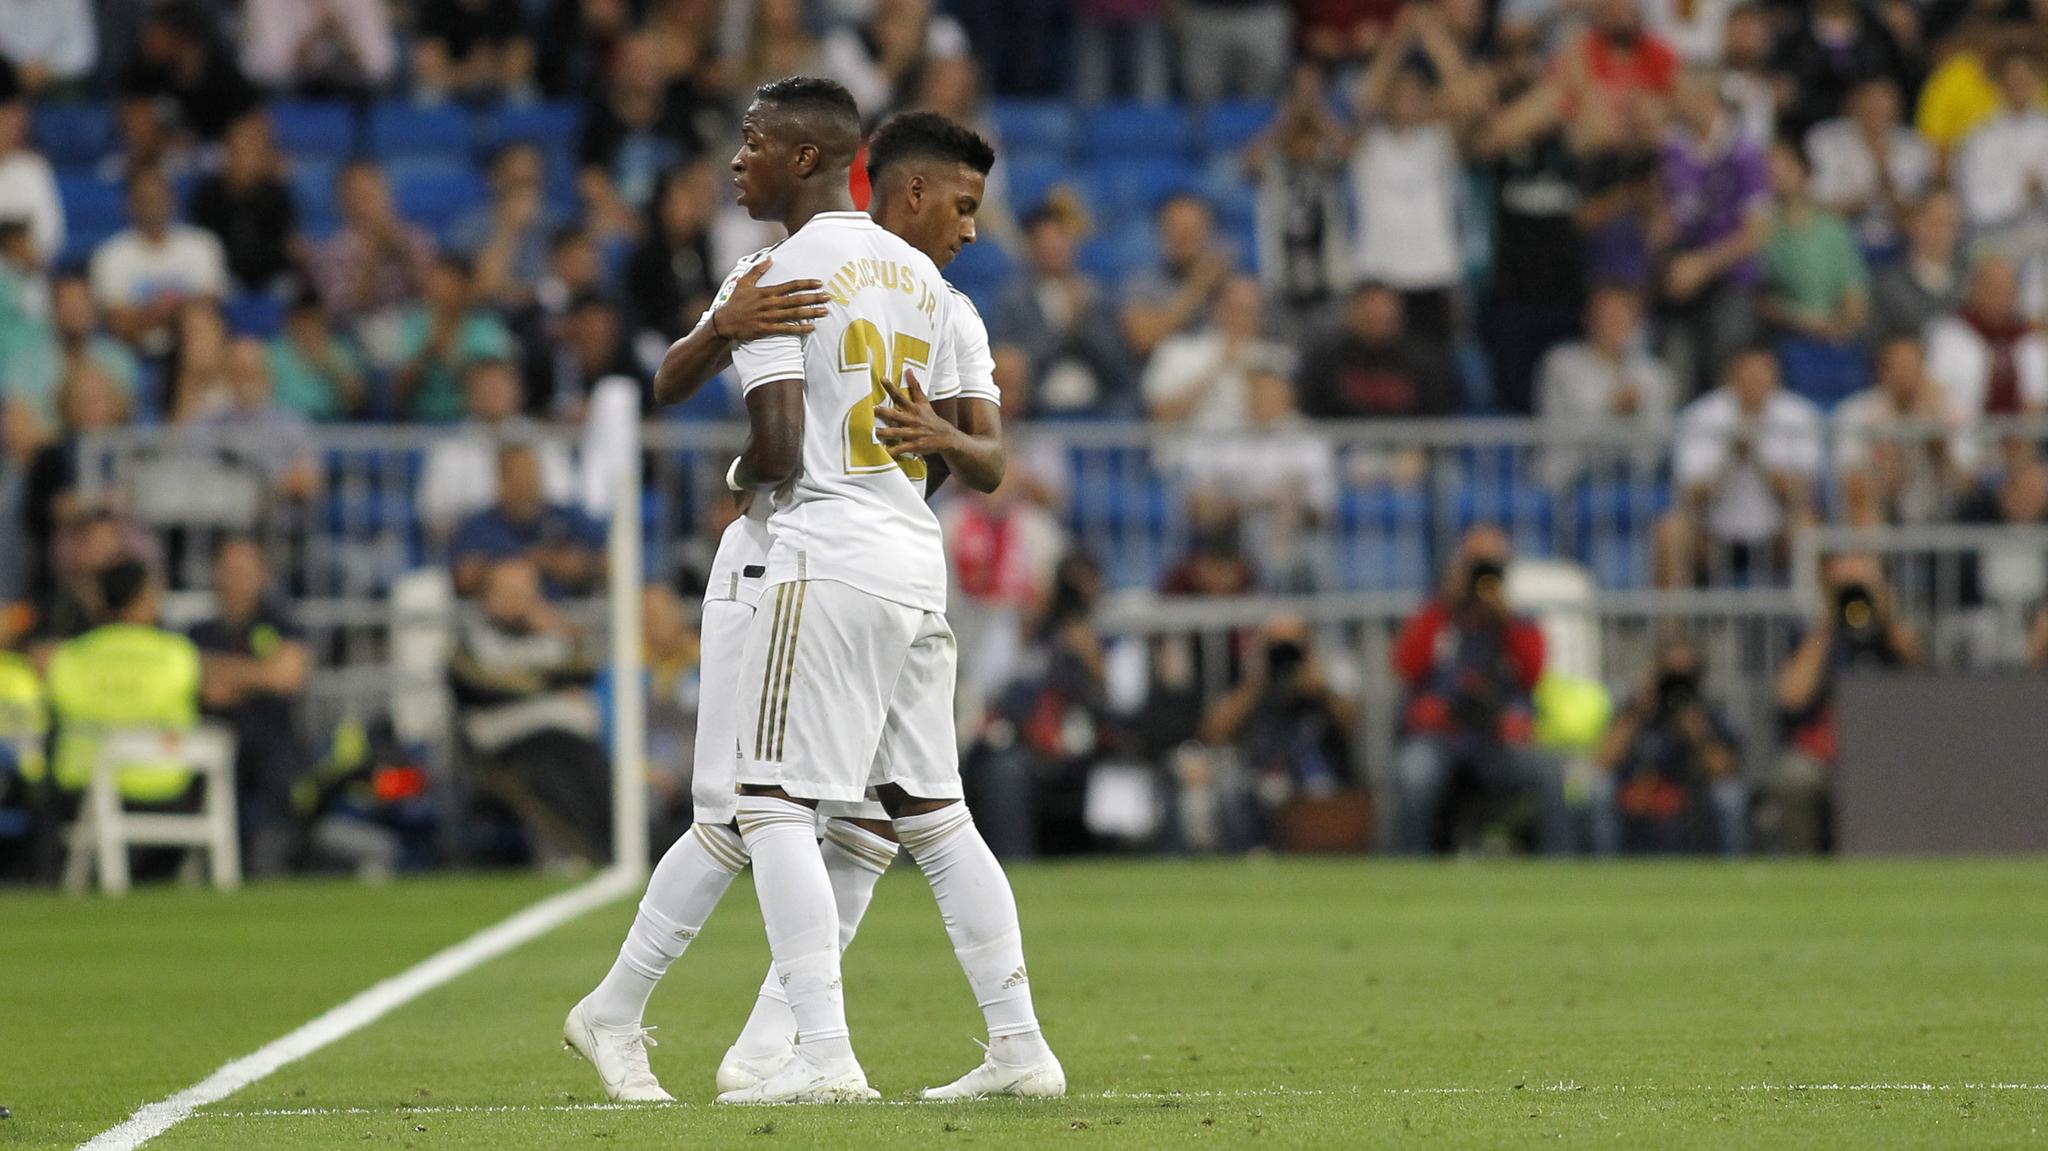 MADRID VS OSASUNA. JORNADA 6 DE LALIGA SANTANDER. 25 DE SEPTIEMBRE DE 2019